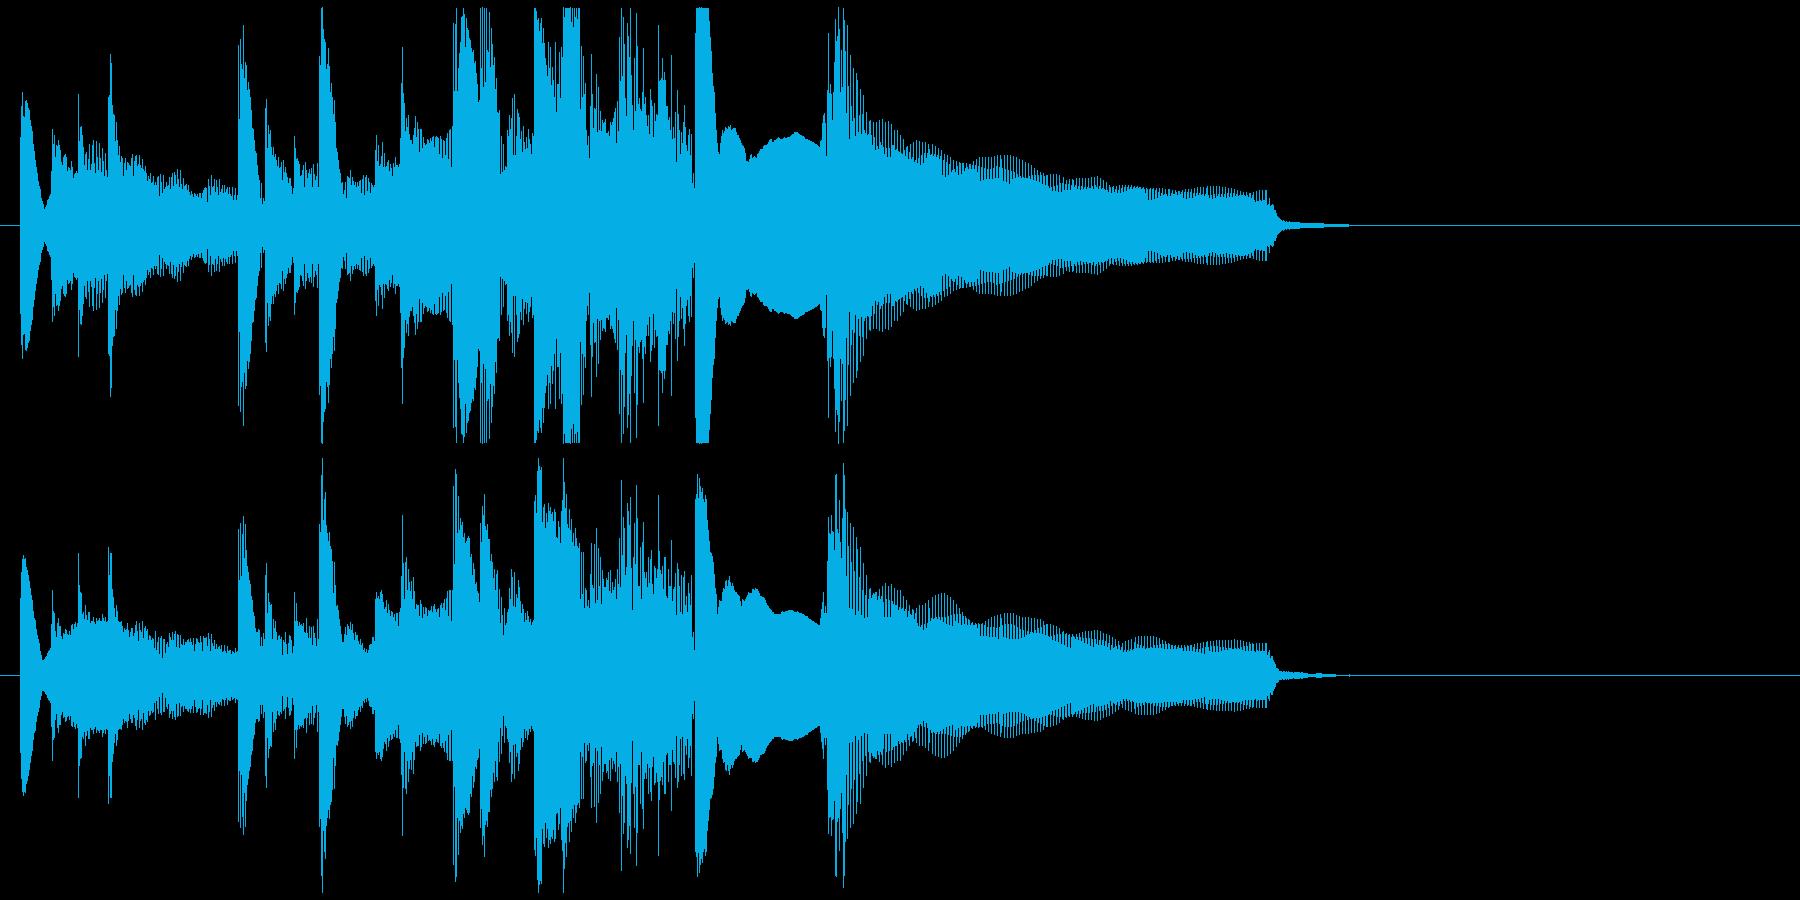 朗らかで穏やかなアコギジングルの再生済みの波形